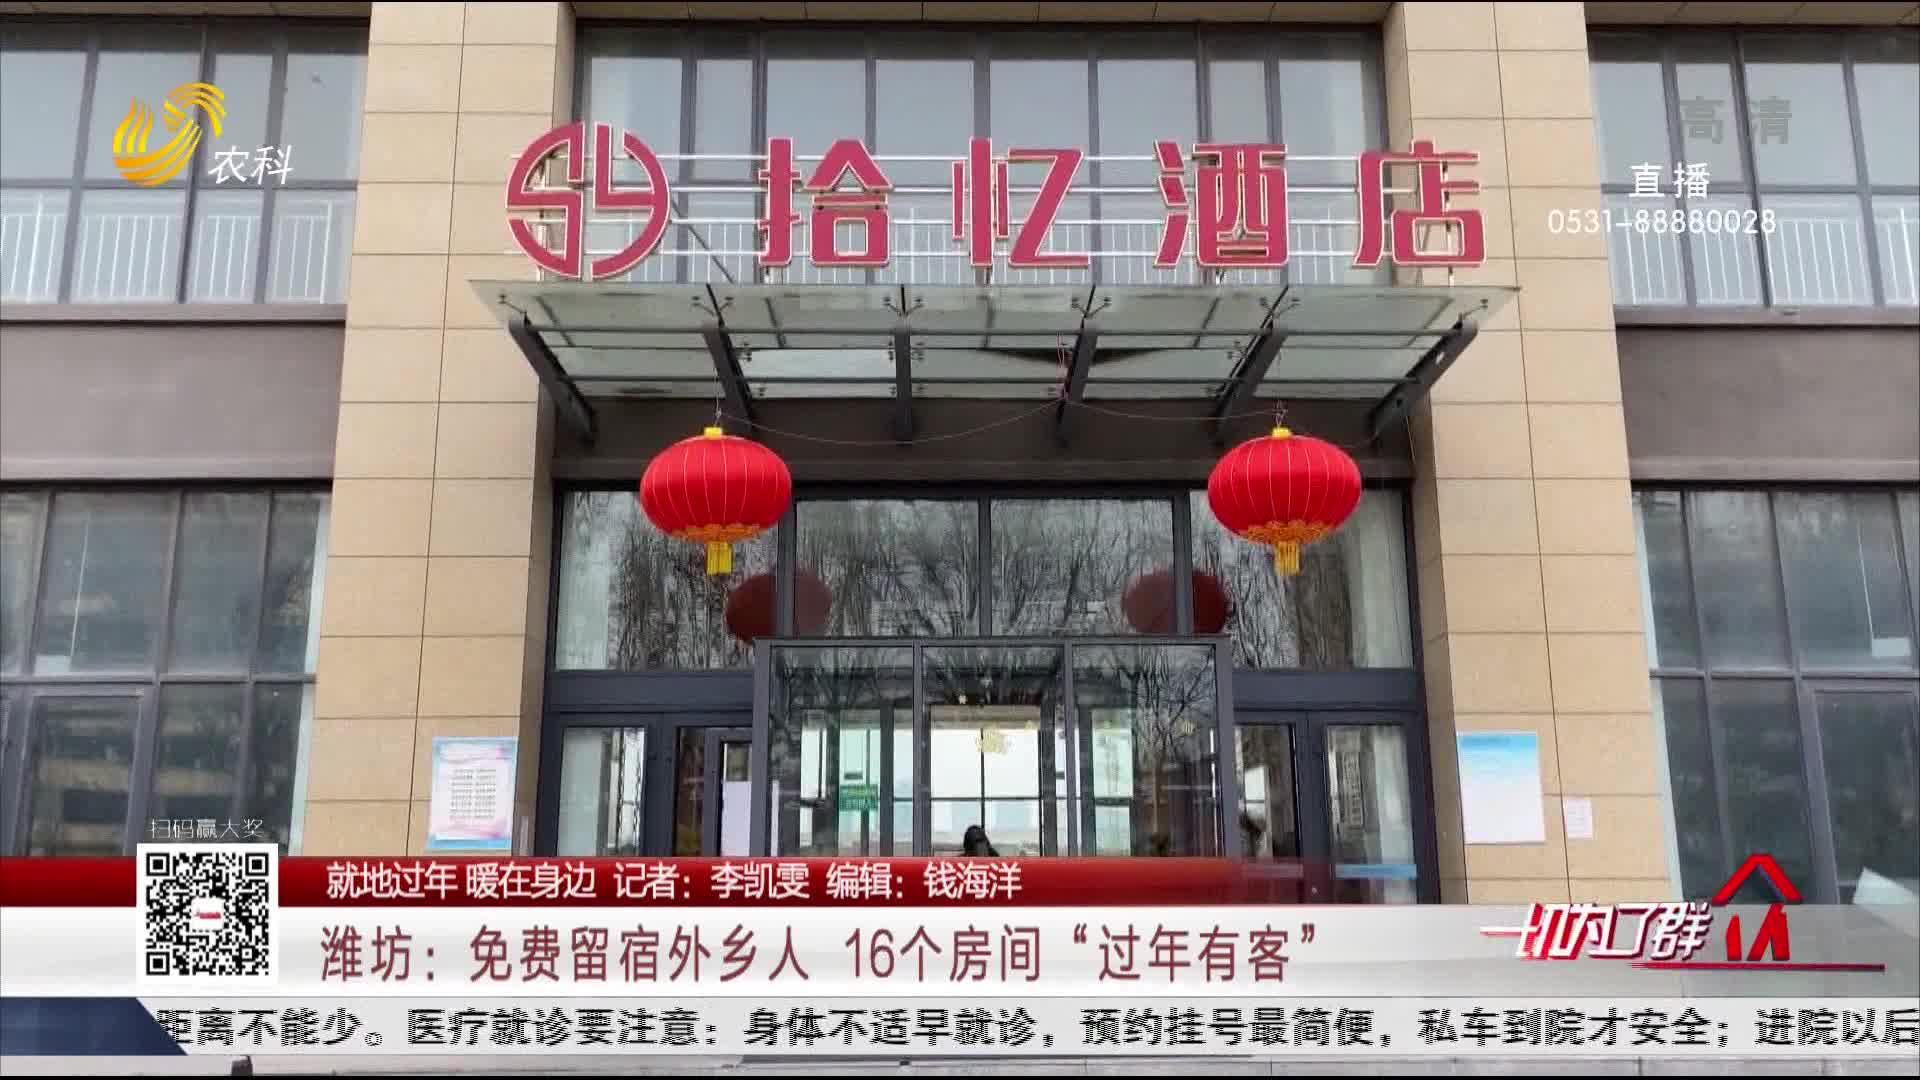 """【就地过年 暖在身边】潍坊:免费留宿外乡人 16个房间""""过年有客"""""""